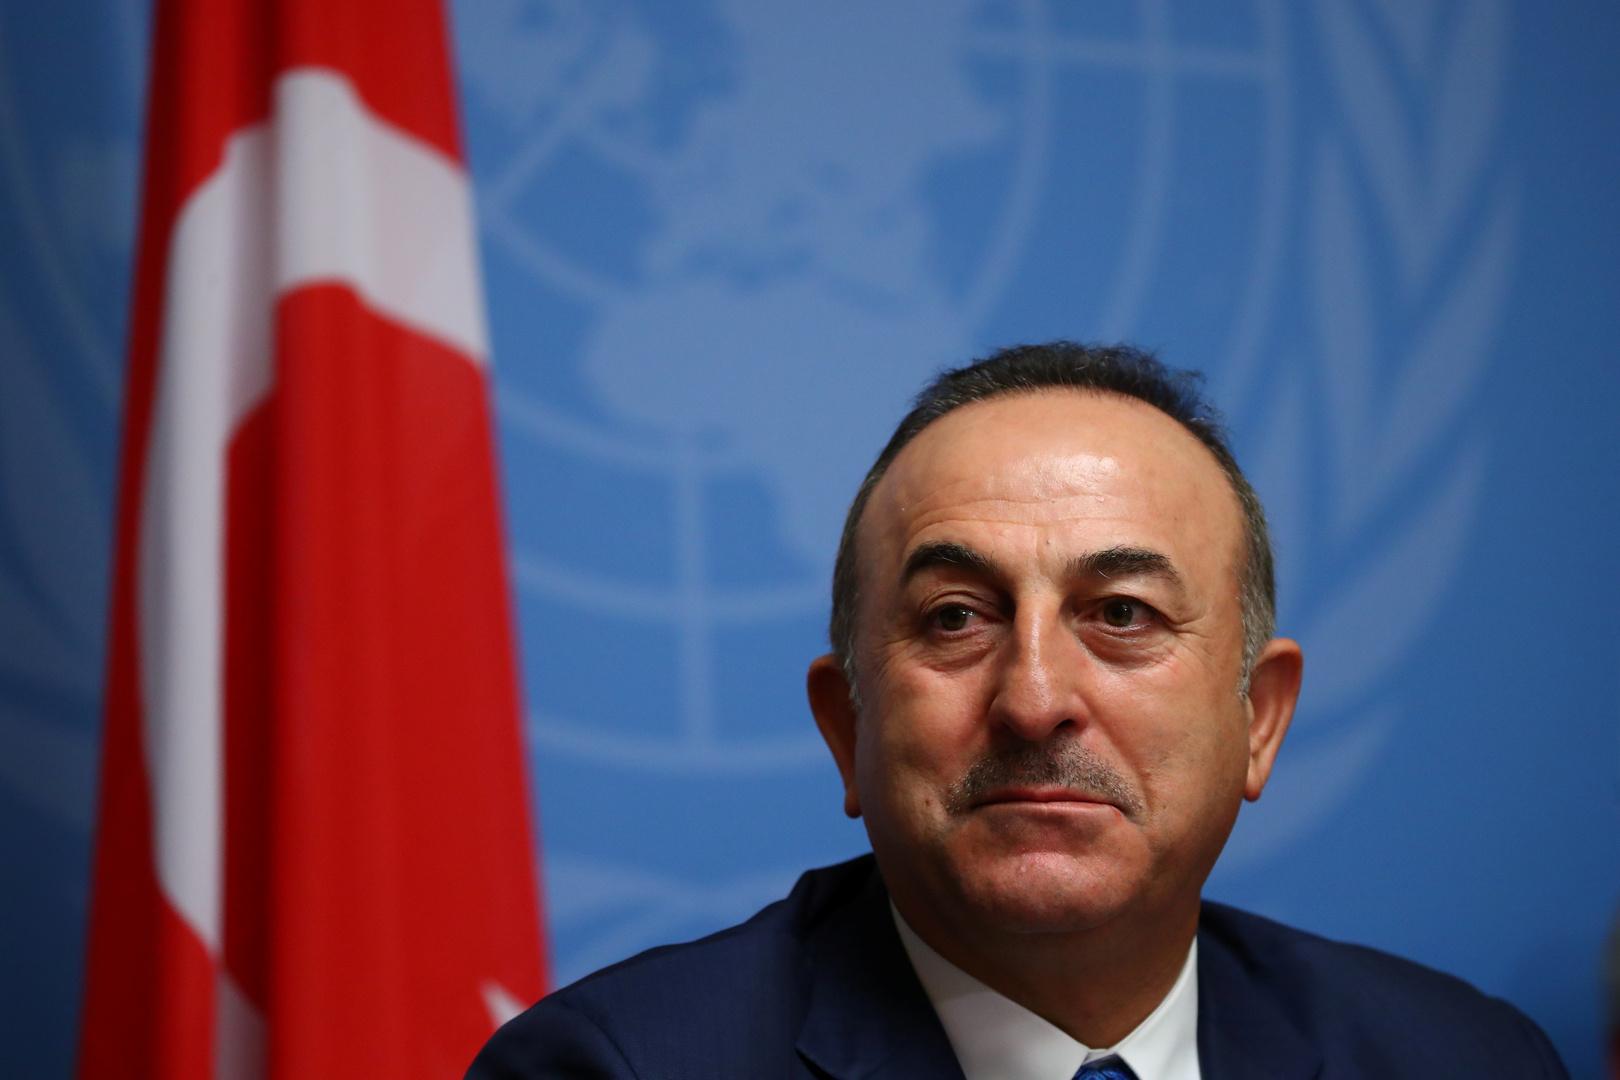 وزير الخارجية التركي يزور العراق غدا لبحث التطورات الأخيرة في المنطقة